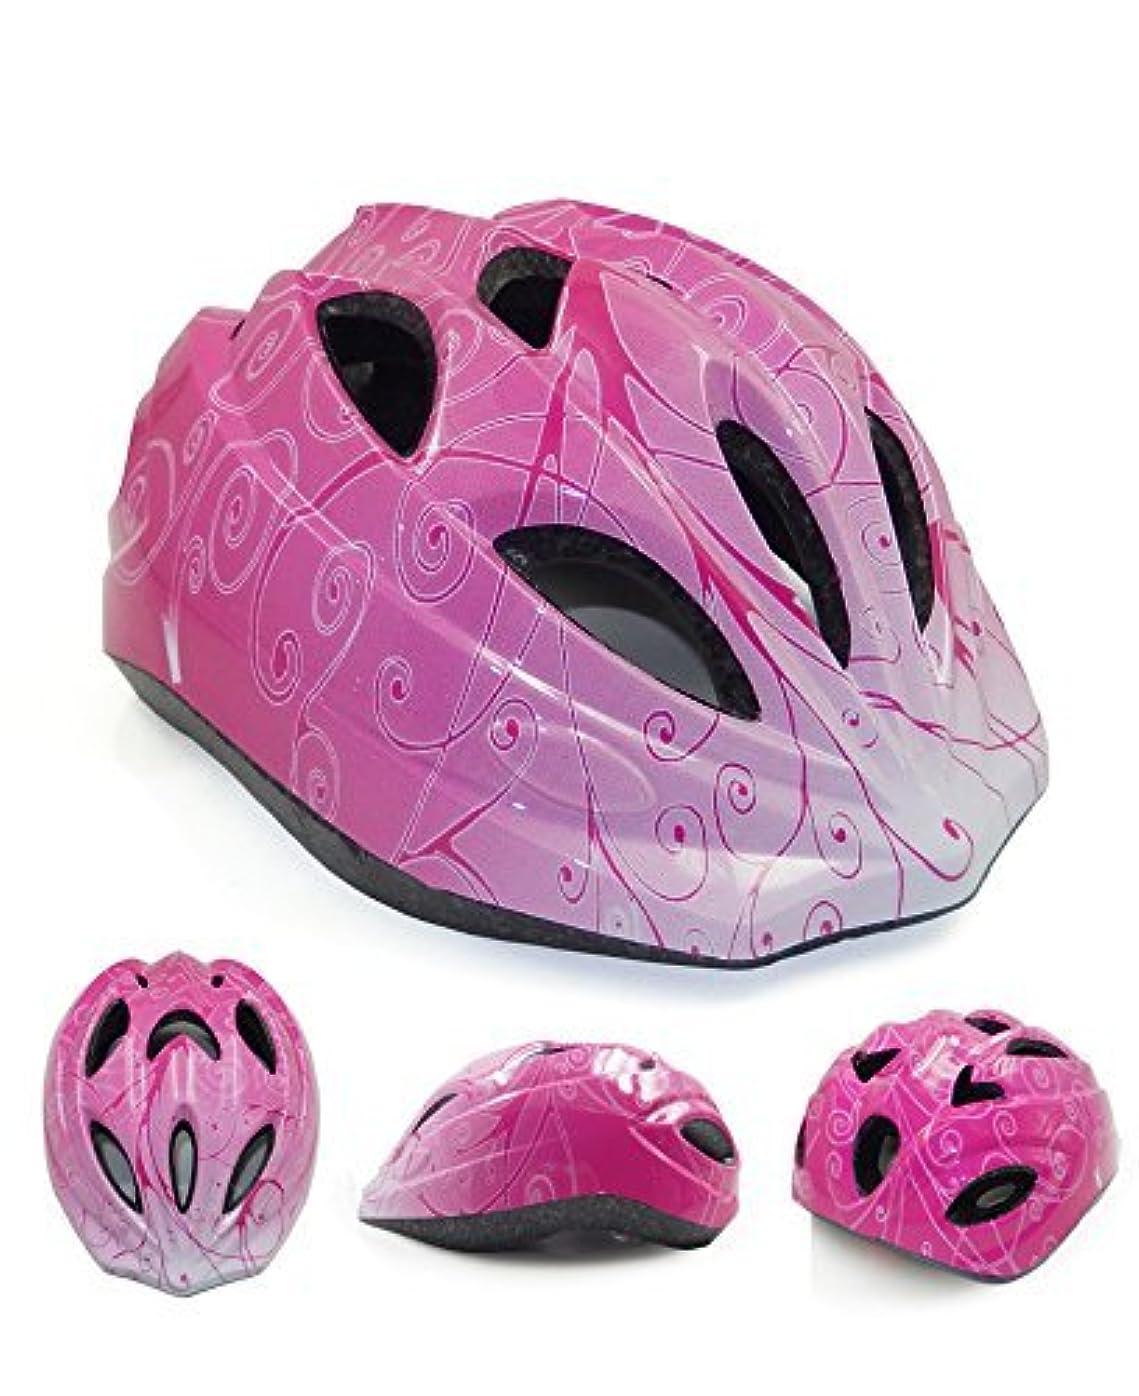 マキシム閉じるダムパラディニア(Paladineer)超軽量 高剛性 サイクリングヘルメット 自転車ヘルメット マグネットバイザー付き 通気性 55~62cmサイズ調節 子供も利用可能